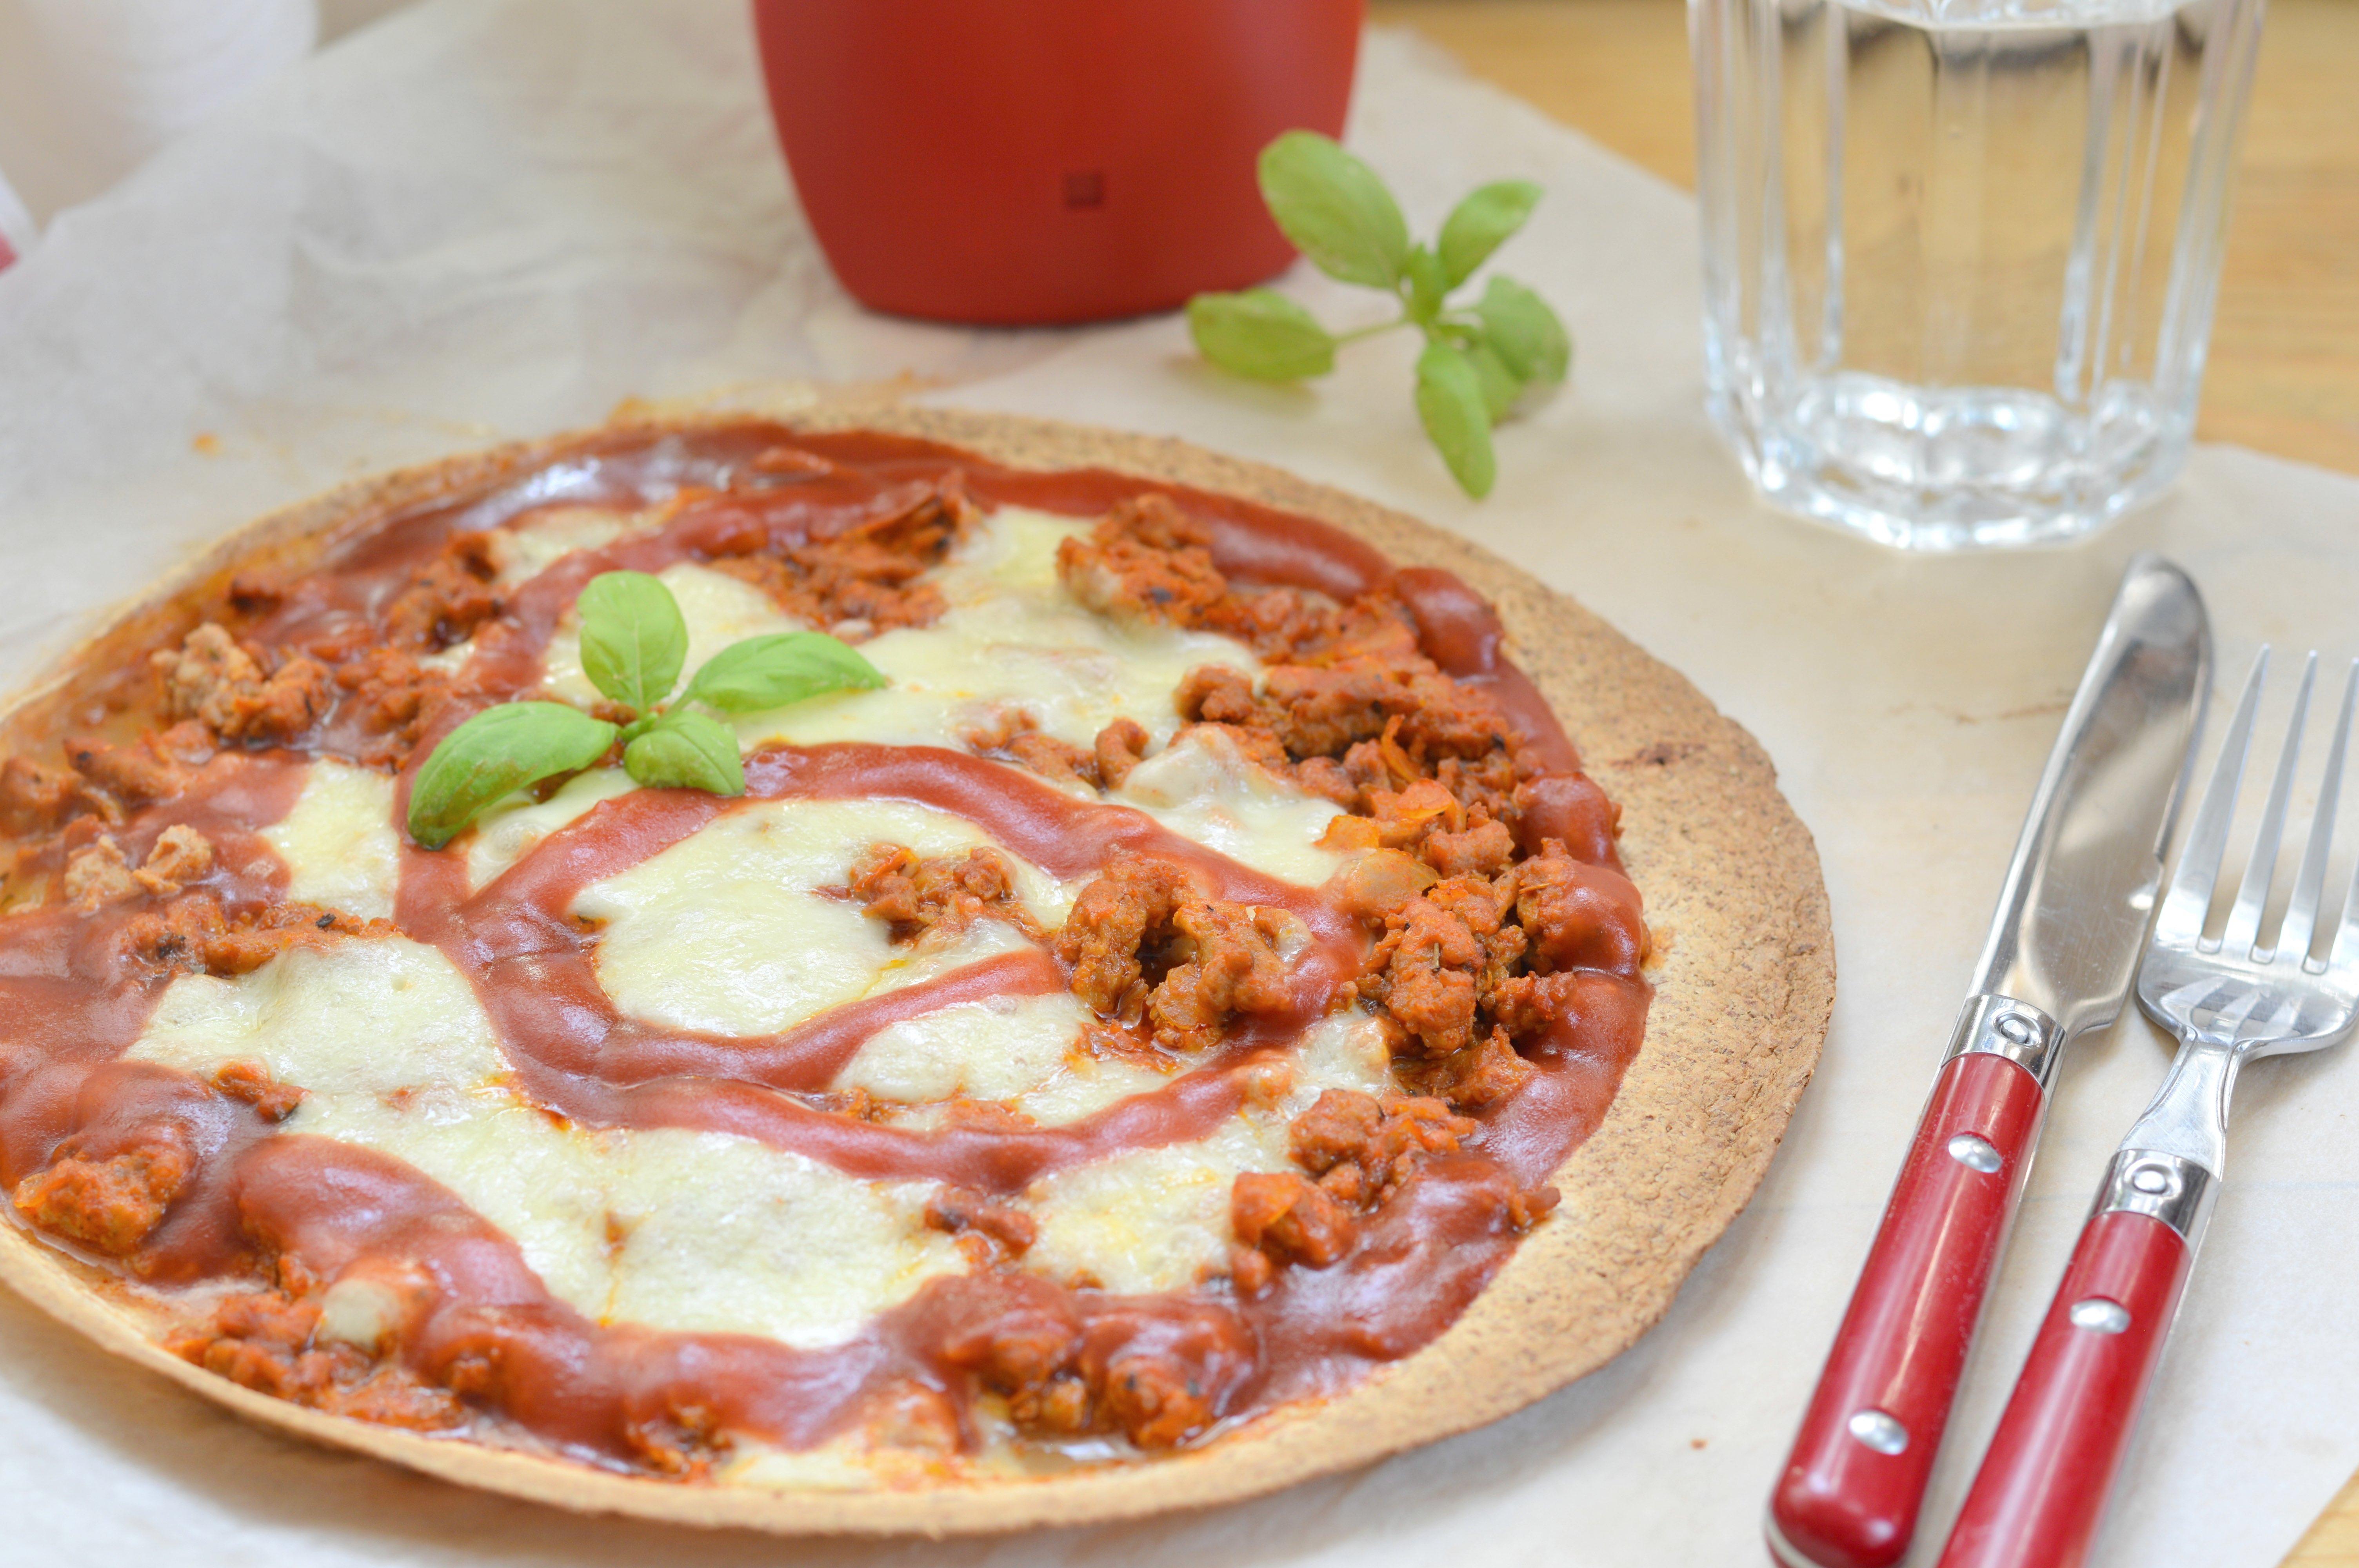 2020_04_tortilla_pizza2_kicsi.jpg